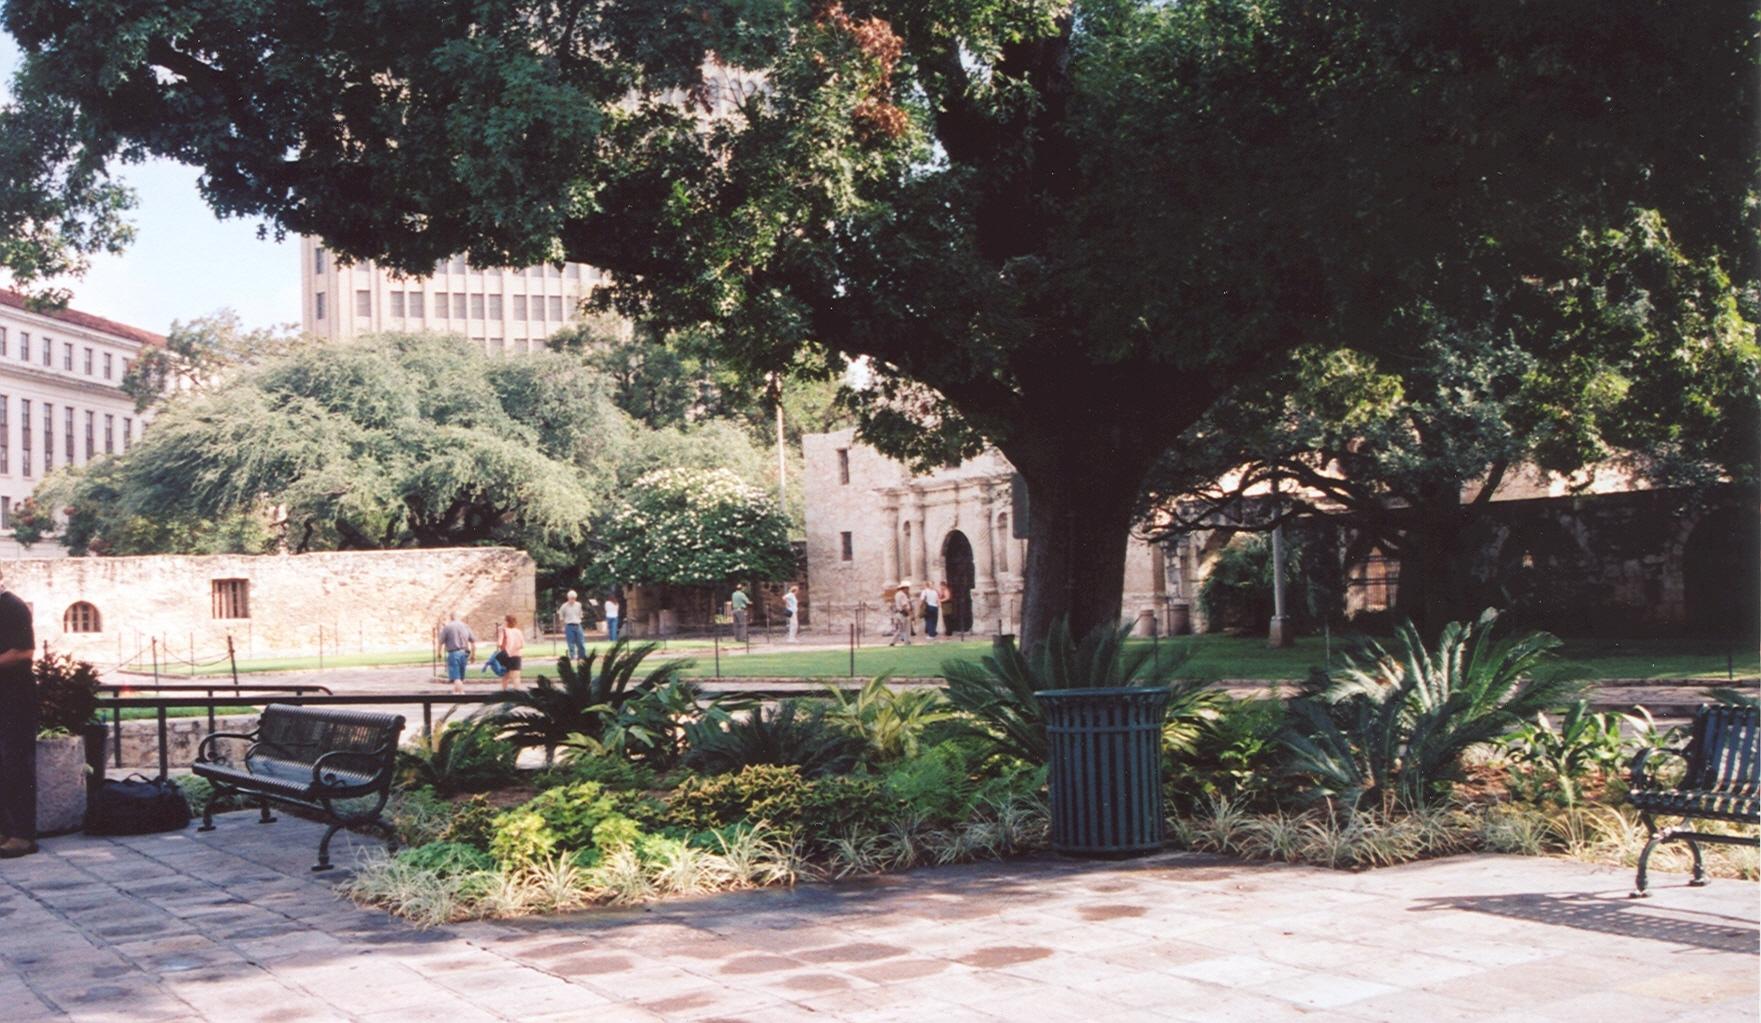 City of San Antonio Development Services - Permits